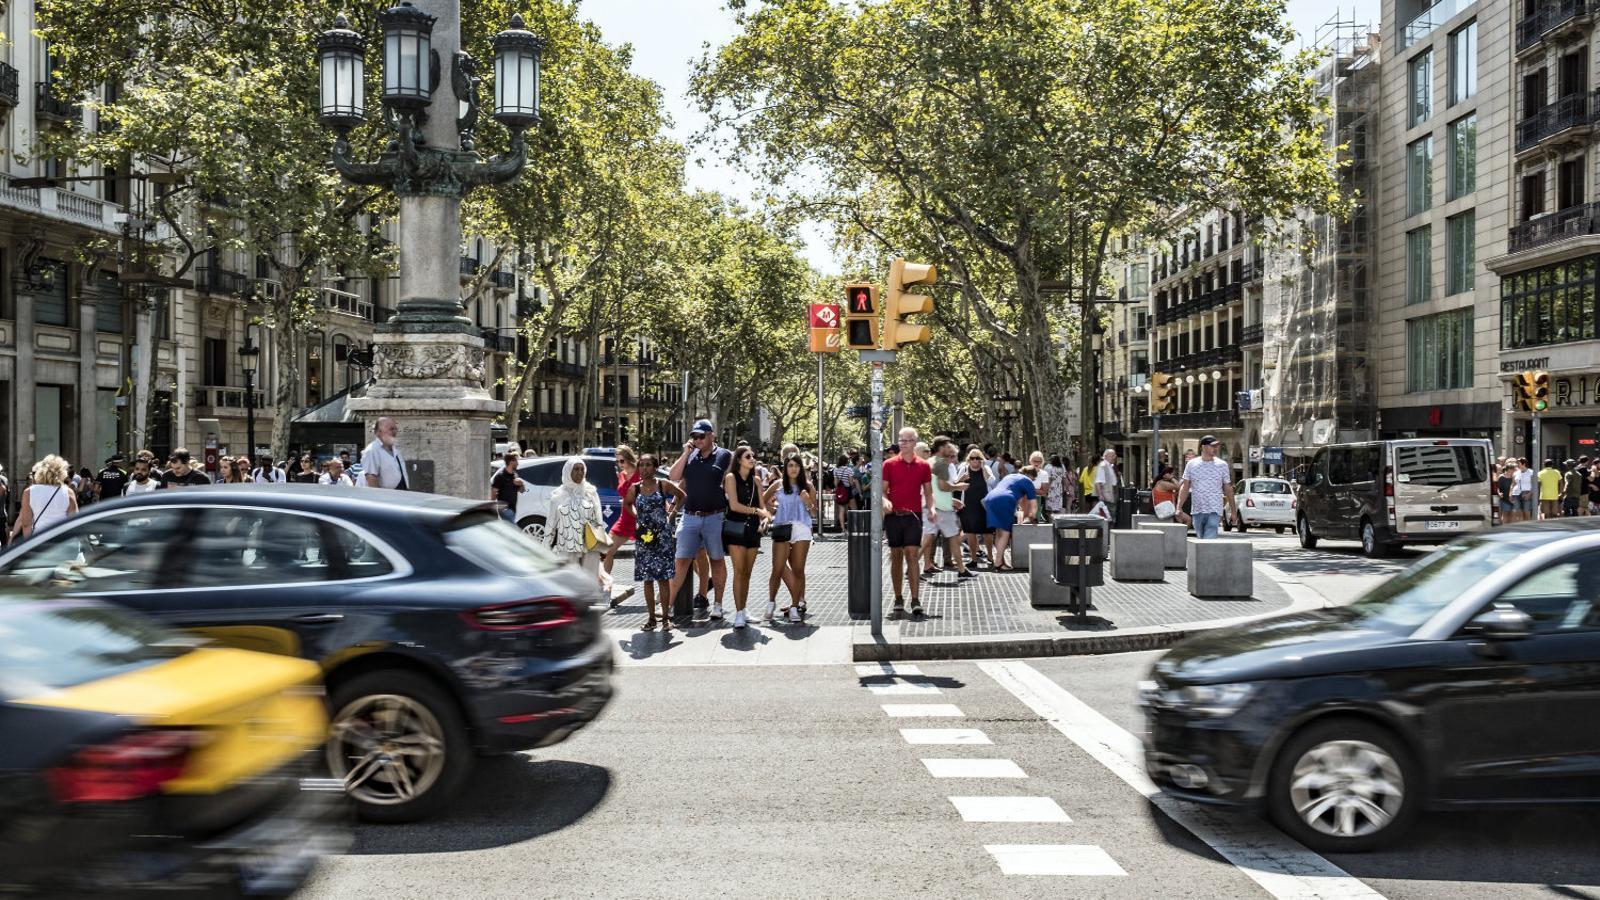 Vista del cap de la Rambla de Barcelona gairebé un any després de l'atropellament múltiple.